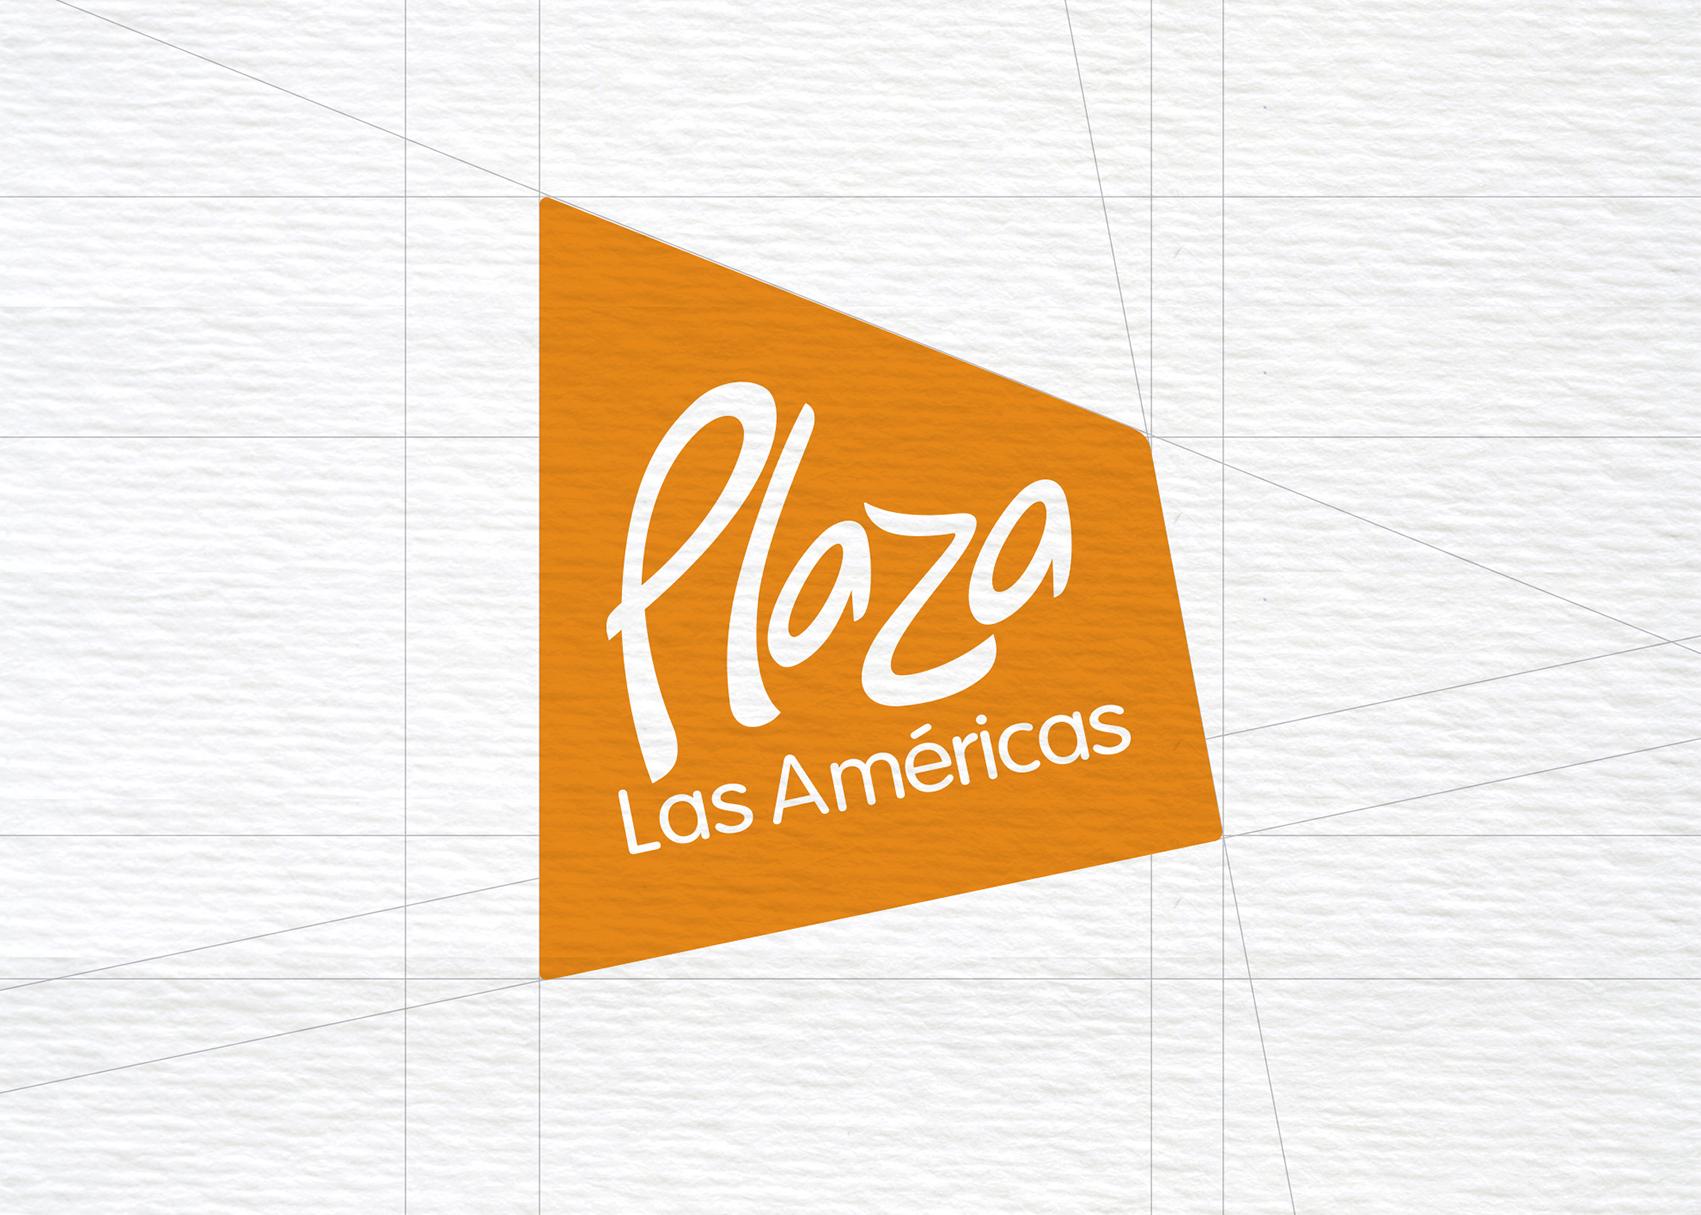 logos_americas